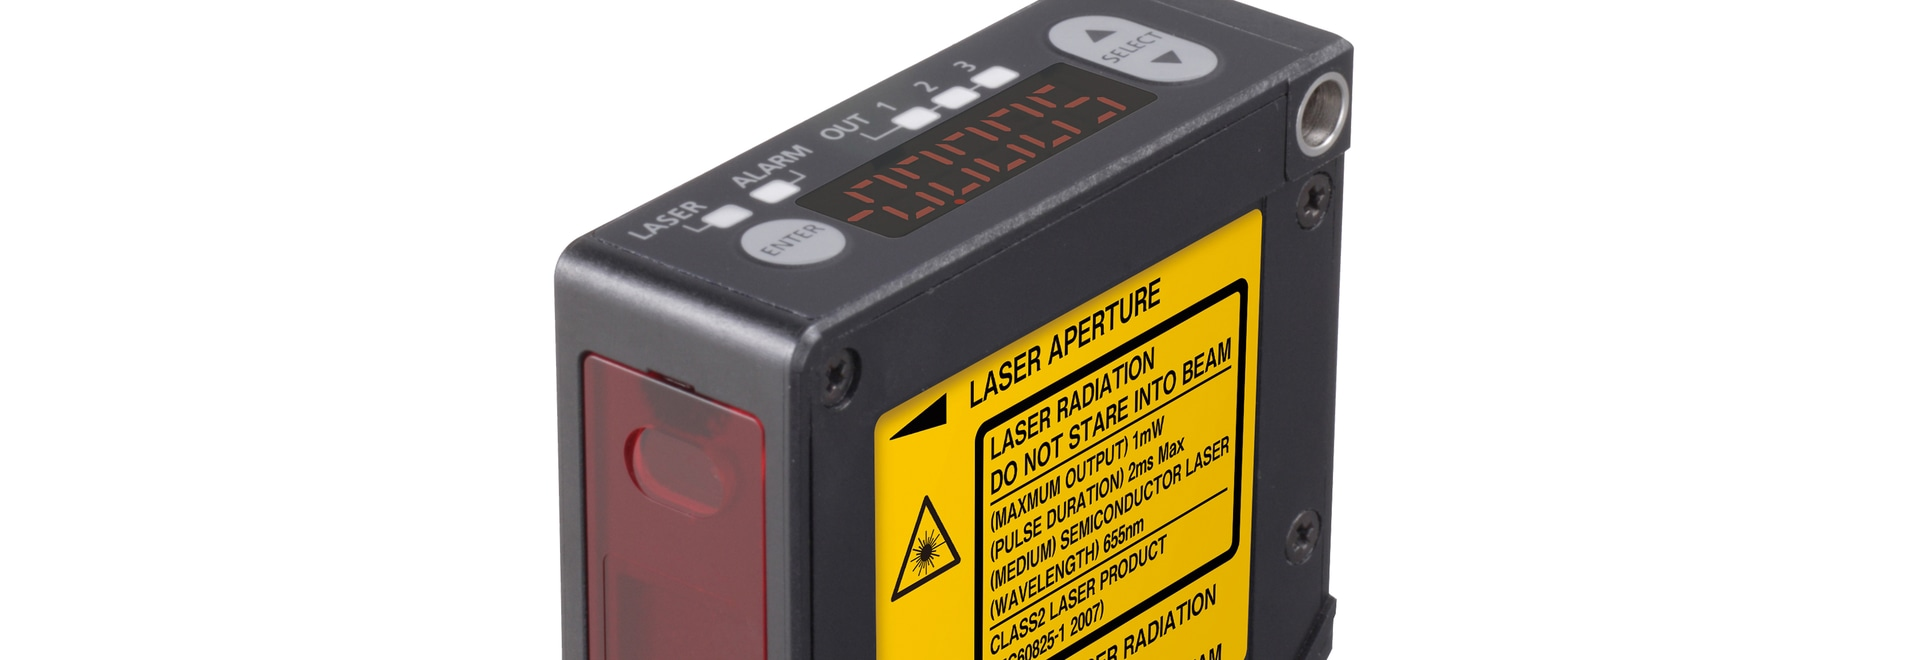 Laser sensor LAH-G1